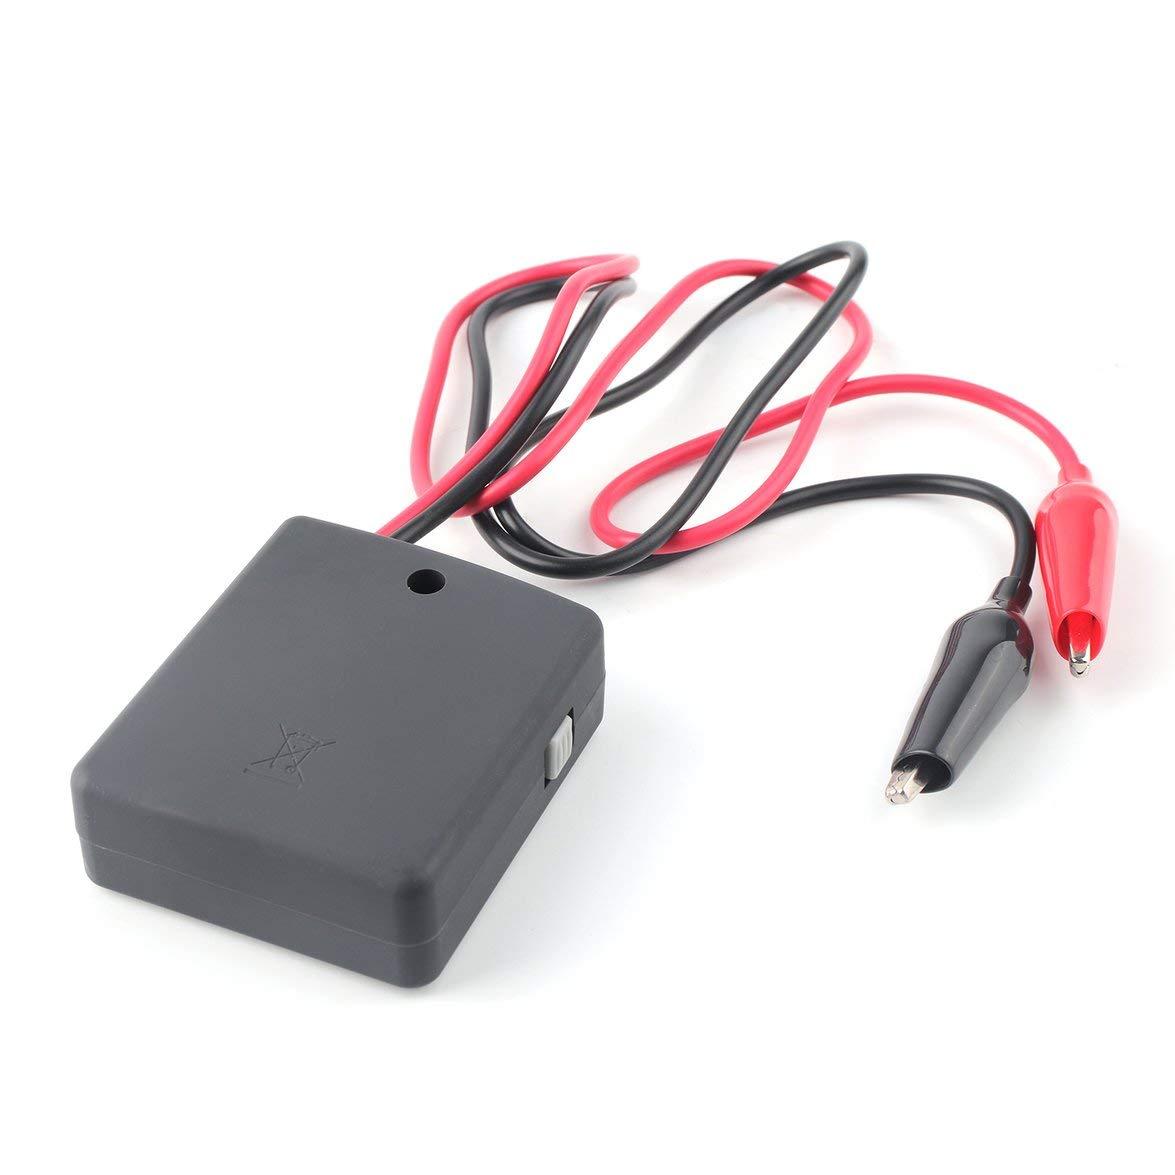 Kongqiabona Buscador Corto y Abierto automotriz Universal EM415pro Cable automotriz Cable Corto Abierto Buscador Digital Probador de Autos